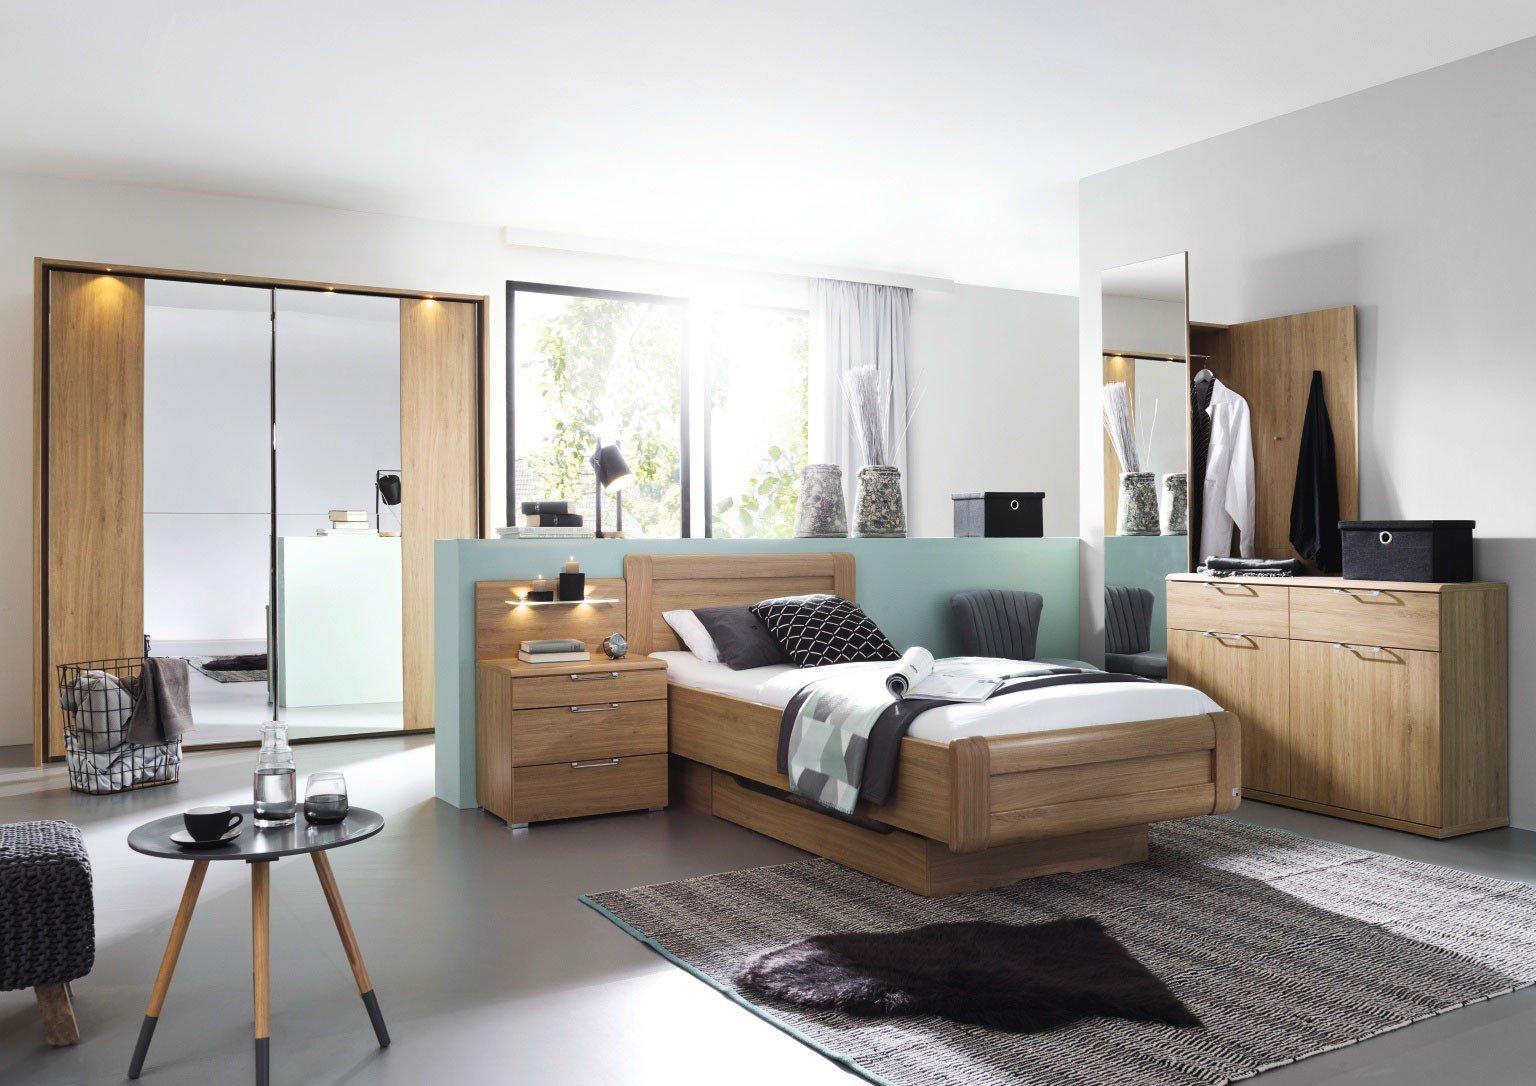 Ansprechend Schlafzimmermöbel Weiß Galerie Von Victoria Von Rauch Steffen - Schlafzimmer Weiß